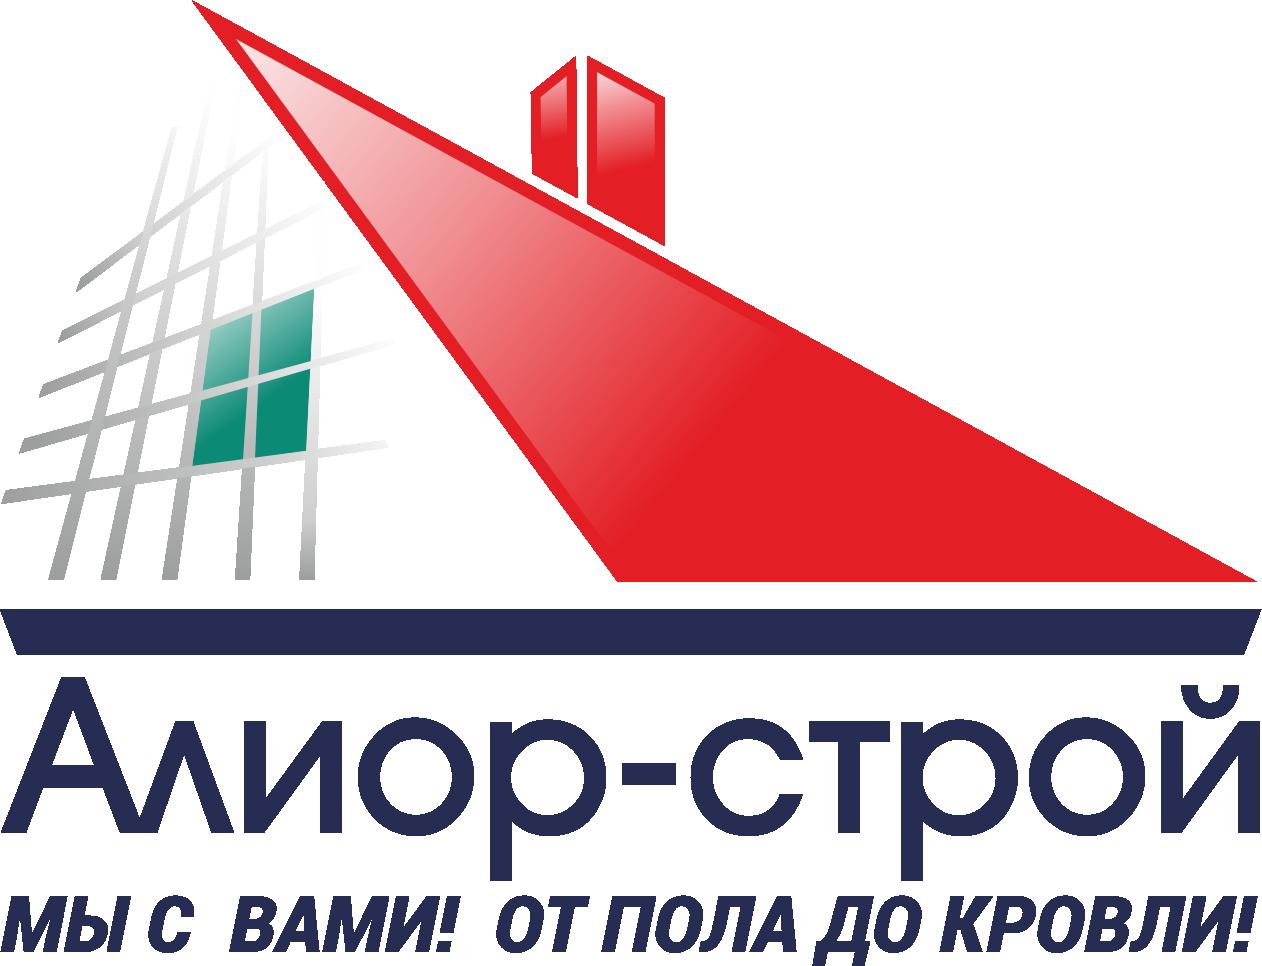 Алиор-строй, Минск